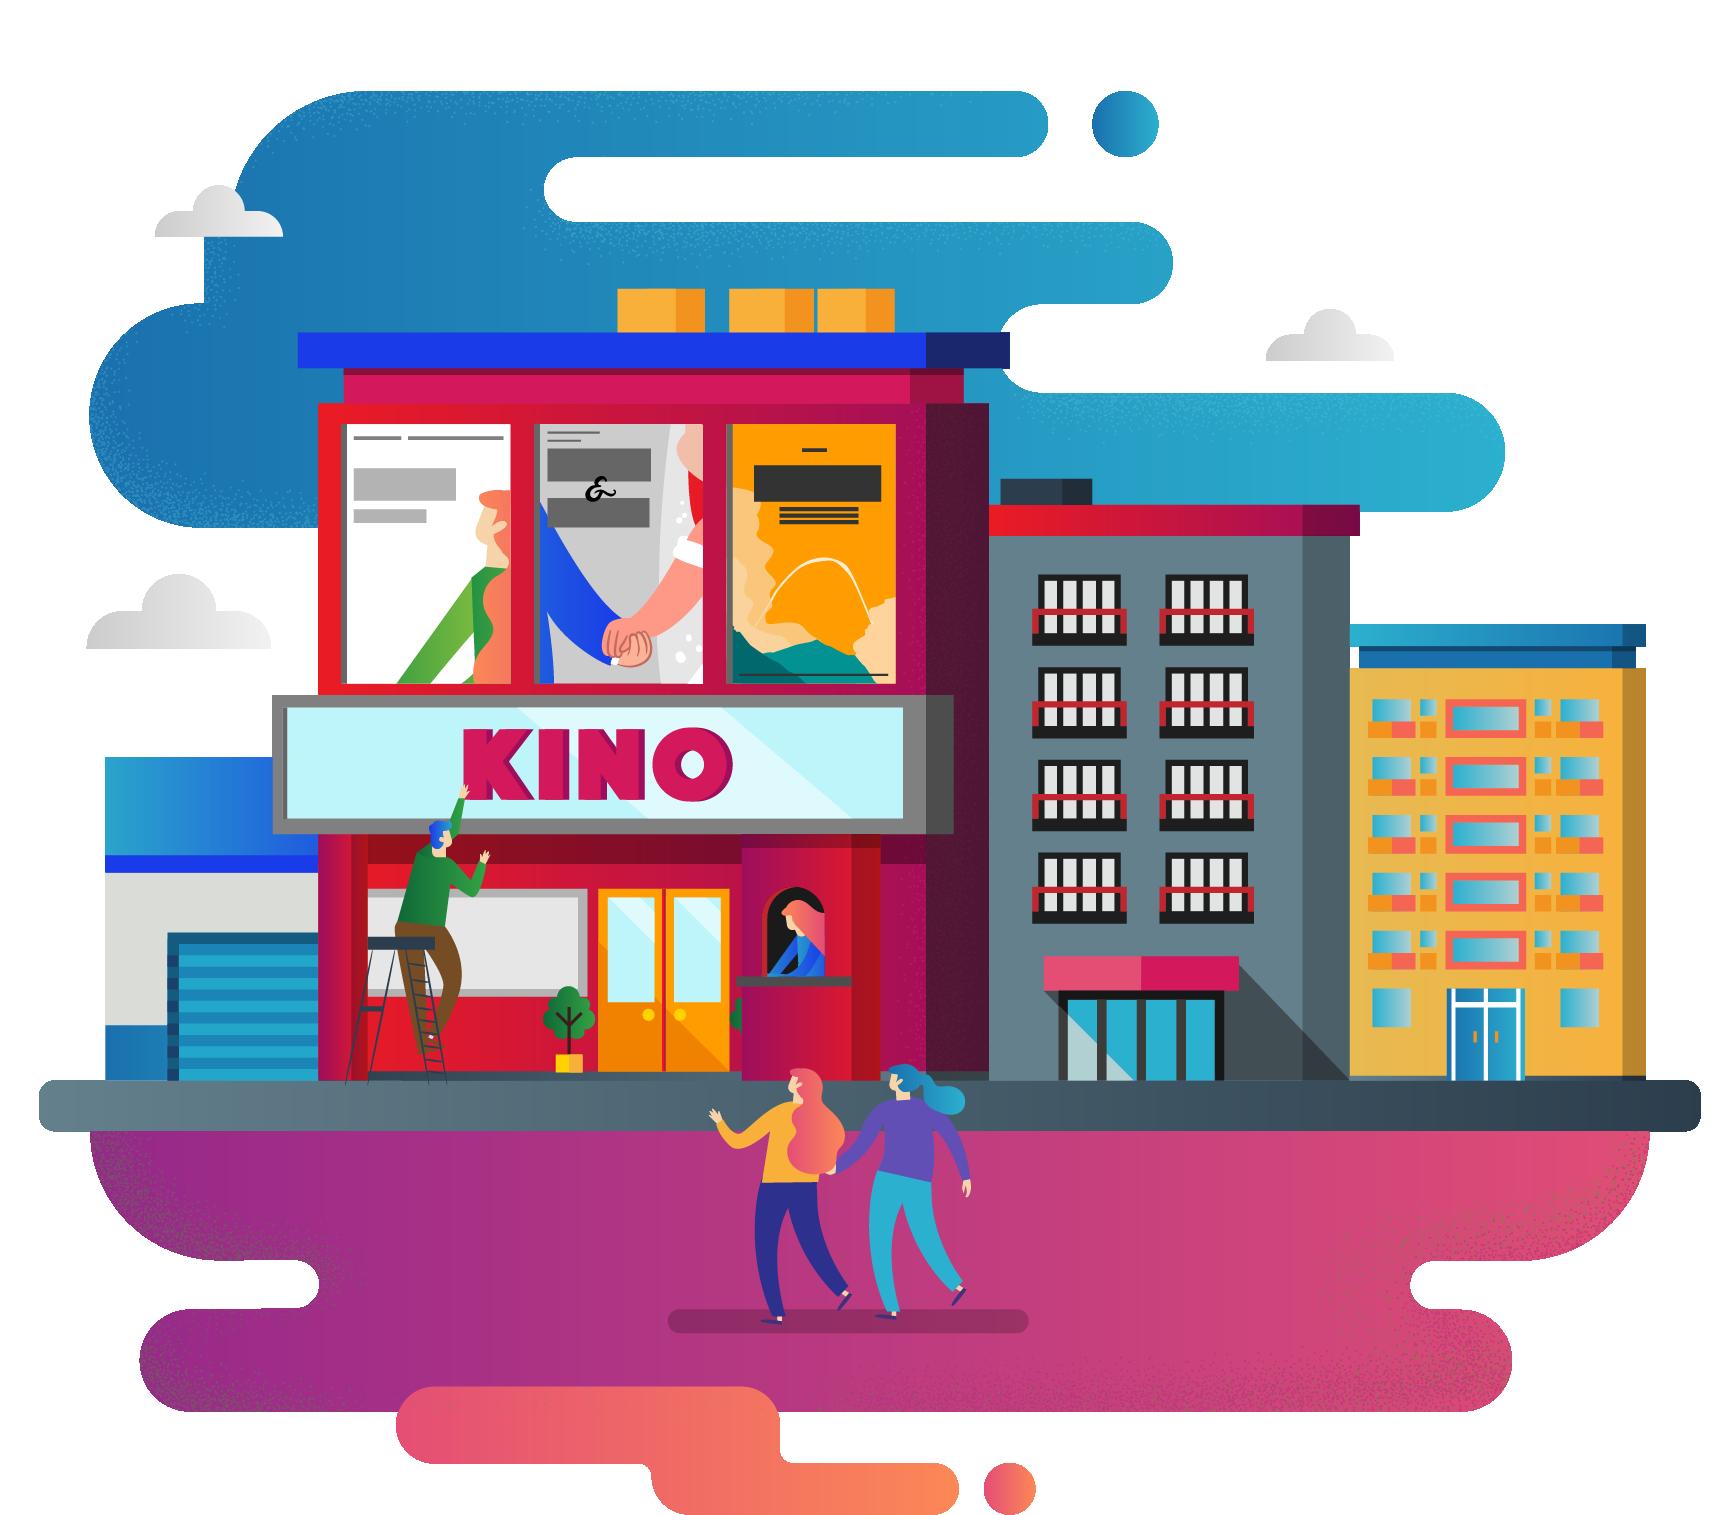 Et moderne verktøy for effektiv kinodrift - DX er en tilpasset løsning for kinoer som inkluderer billettsalg på nett, kassesystem, planleggingsverktøy og mye mer.